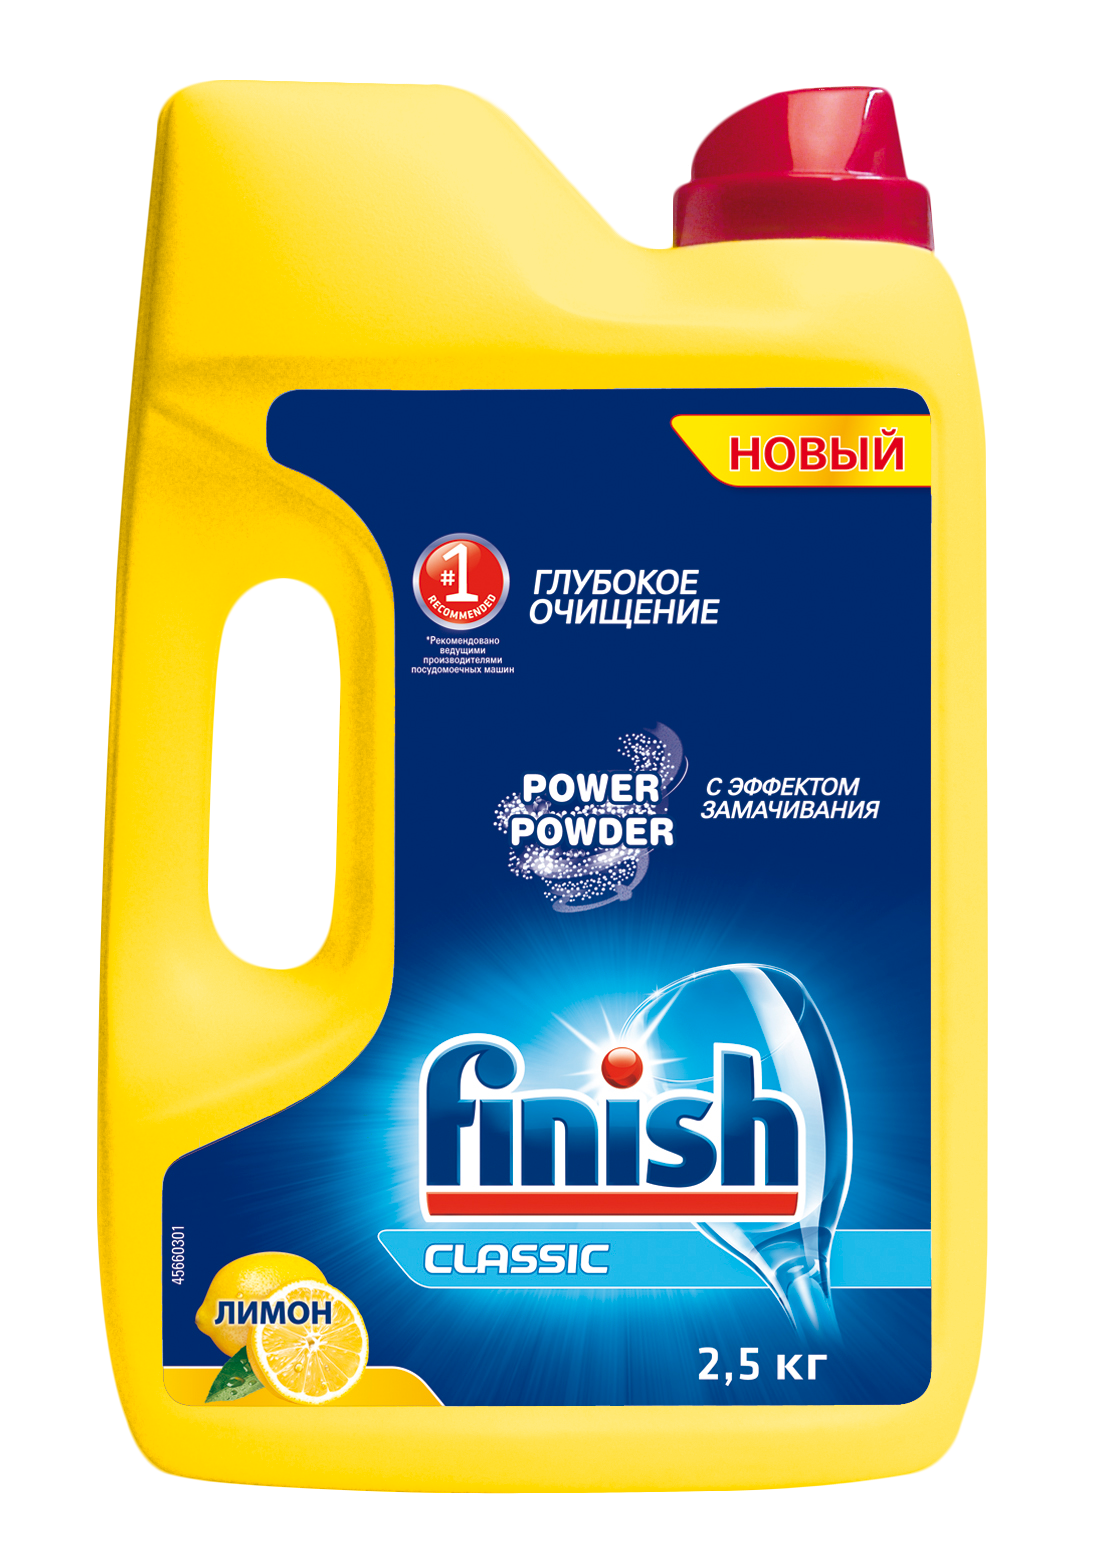 Порошок для посудомоечной машины Finish лимон